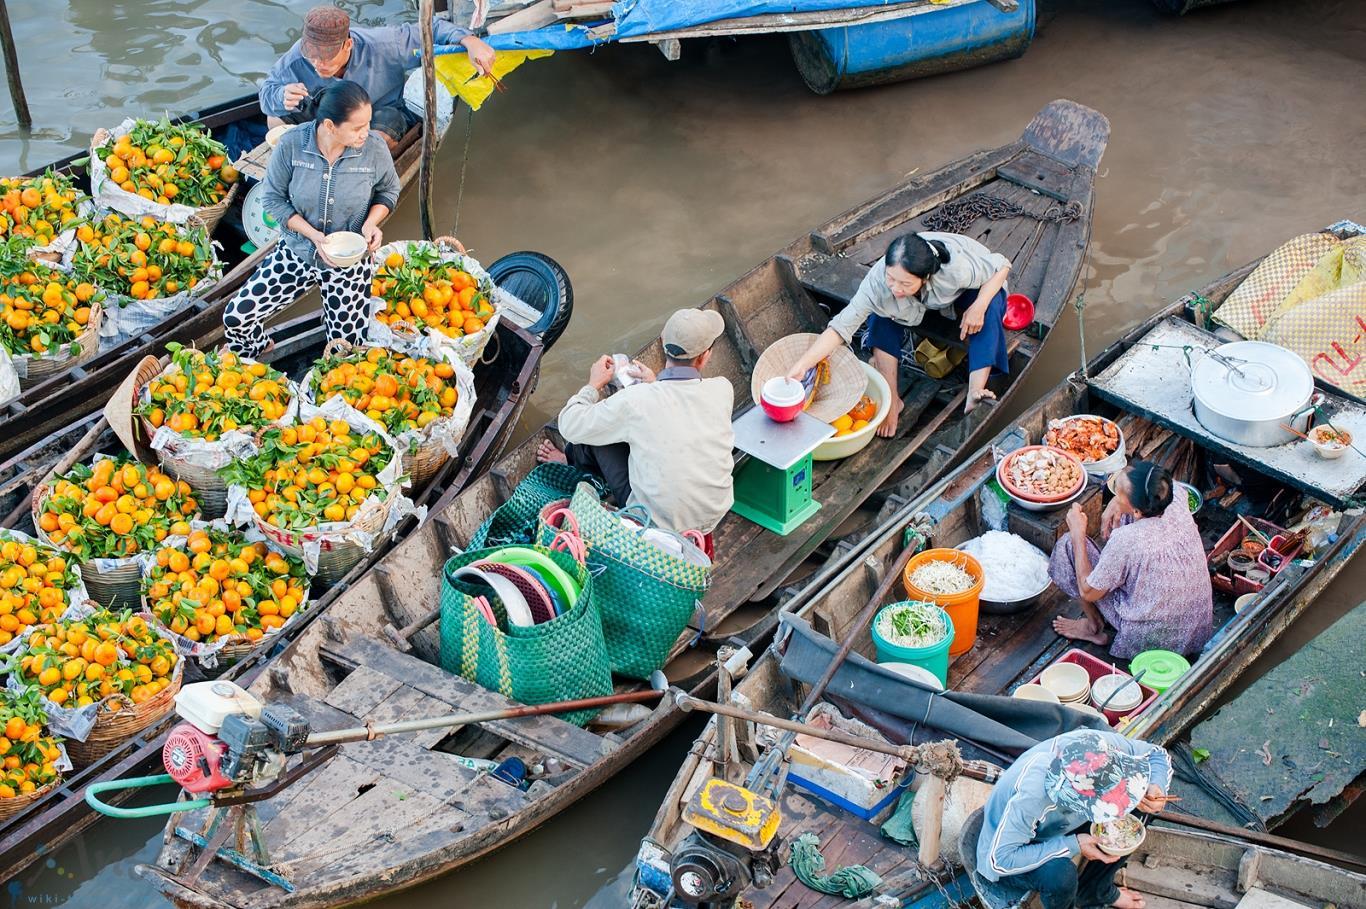 Khám phá những khu chợ đầu mối lớn nhất Việt Nam - Ảnh 9.